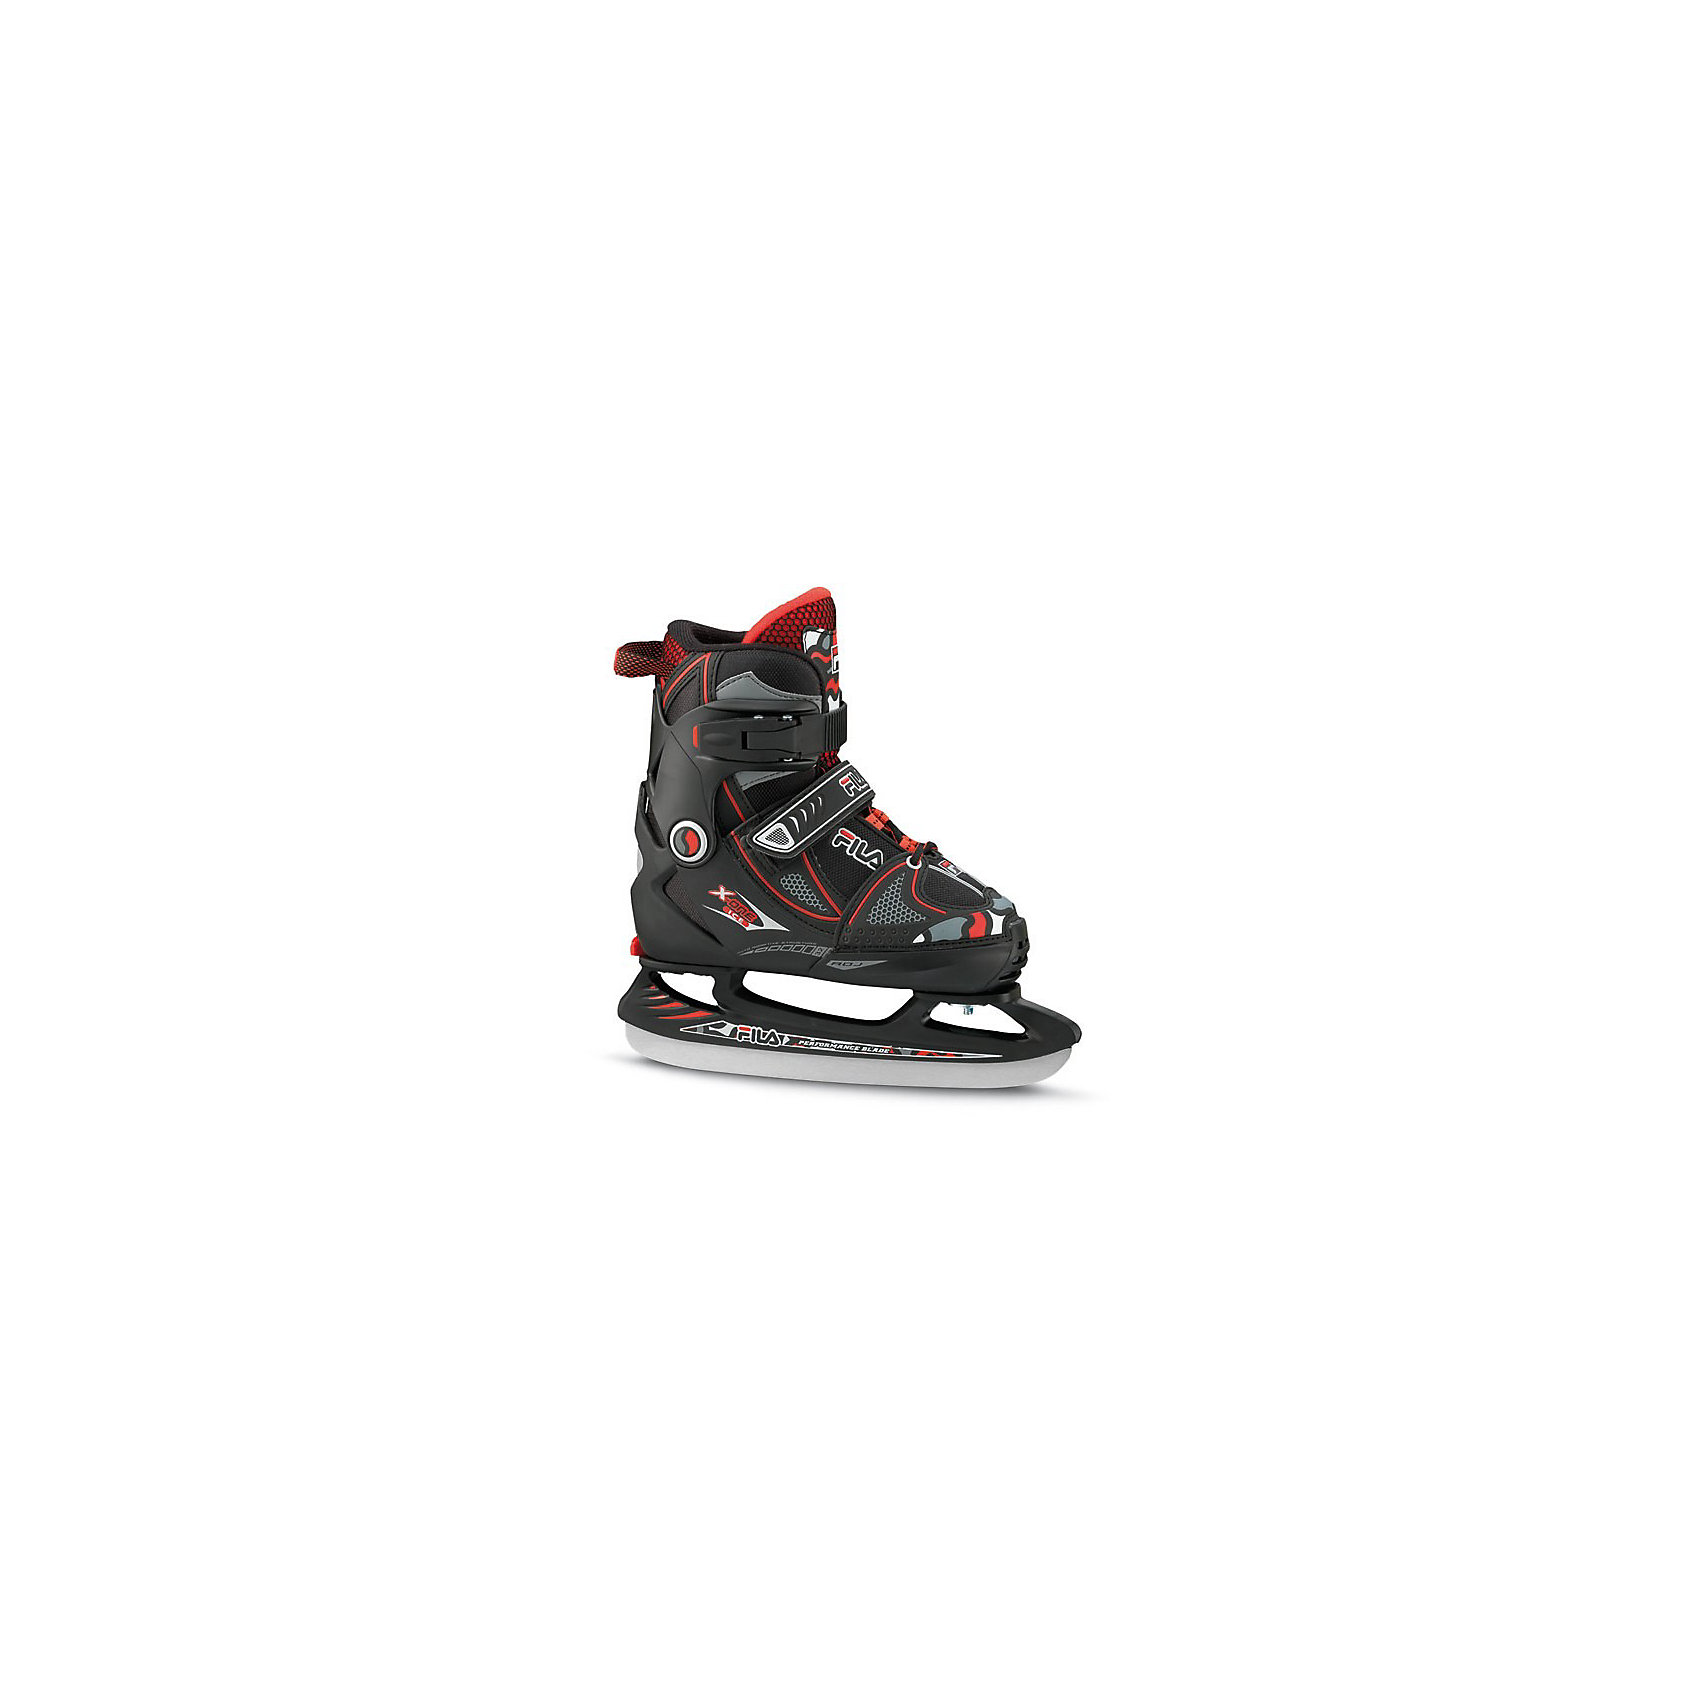 Ледовые коньки X-One Ice, чёрный/ красный, FILA